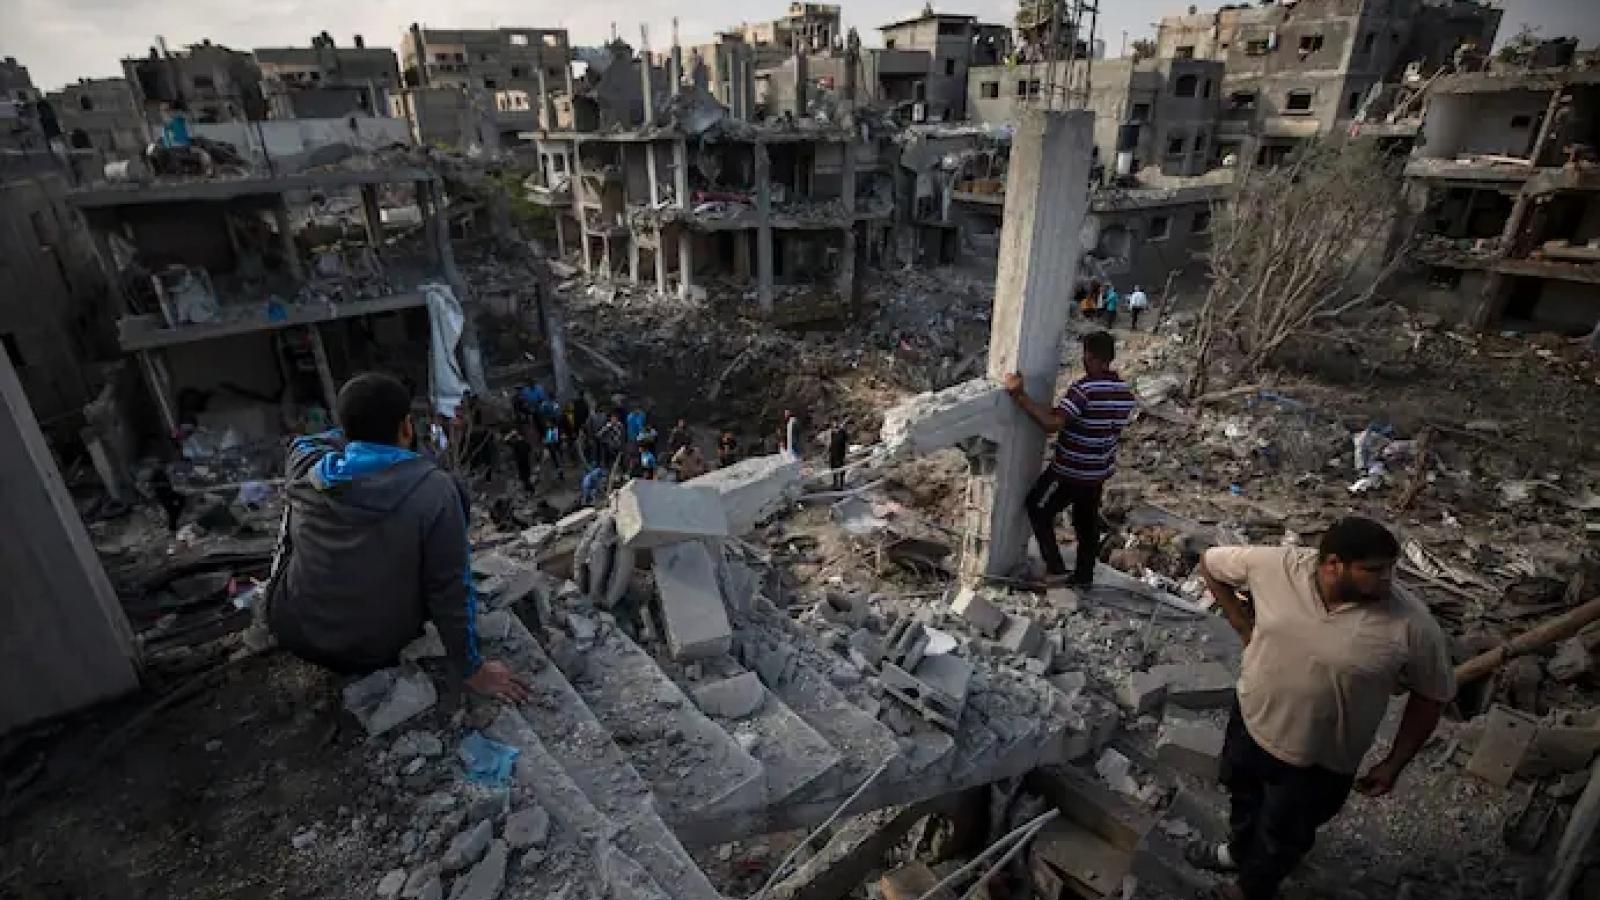 """Israel và Hamas bị cáo buộc có nhiều """"vi phạm"""" trong cuộc xung đột vũ trang tháng 5/2021"""